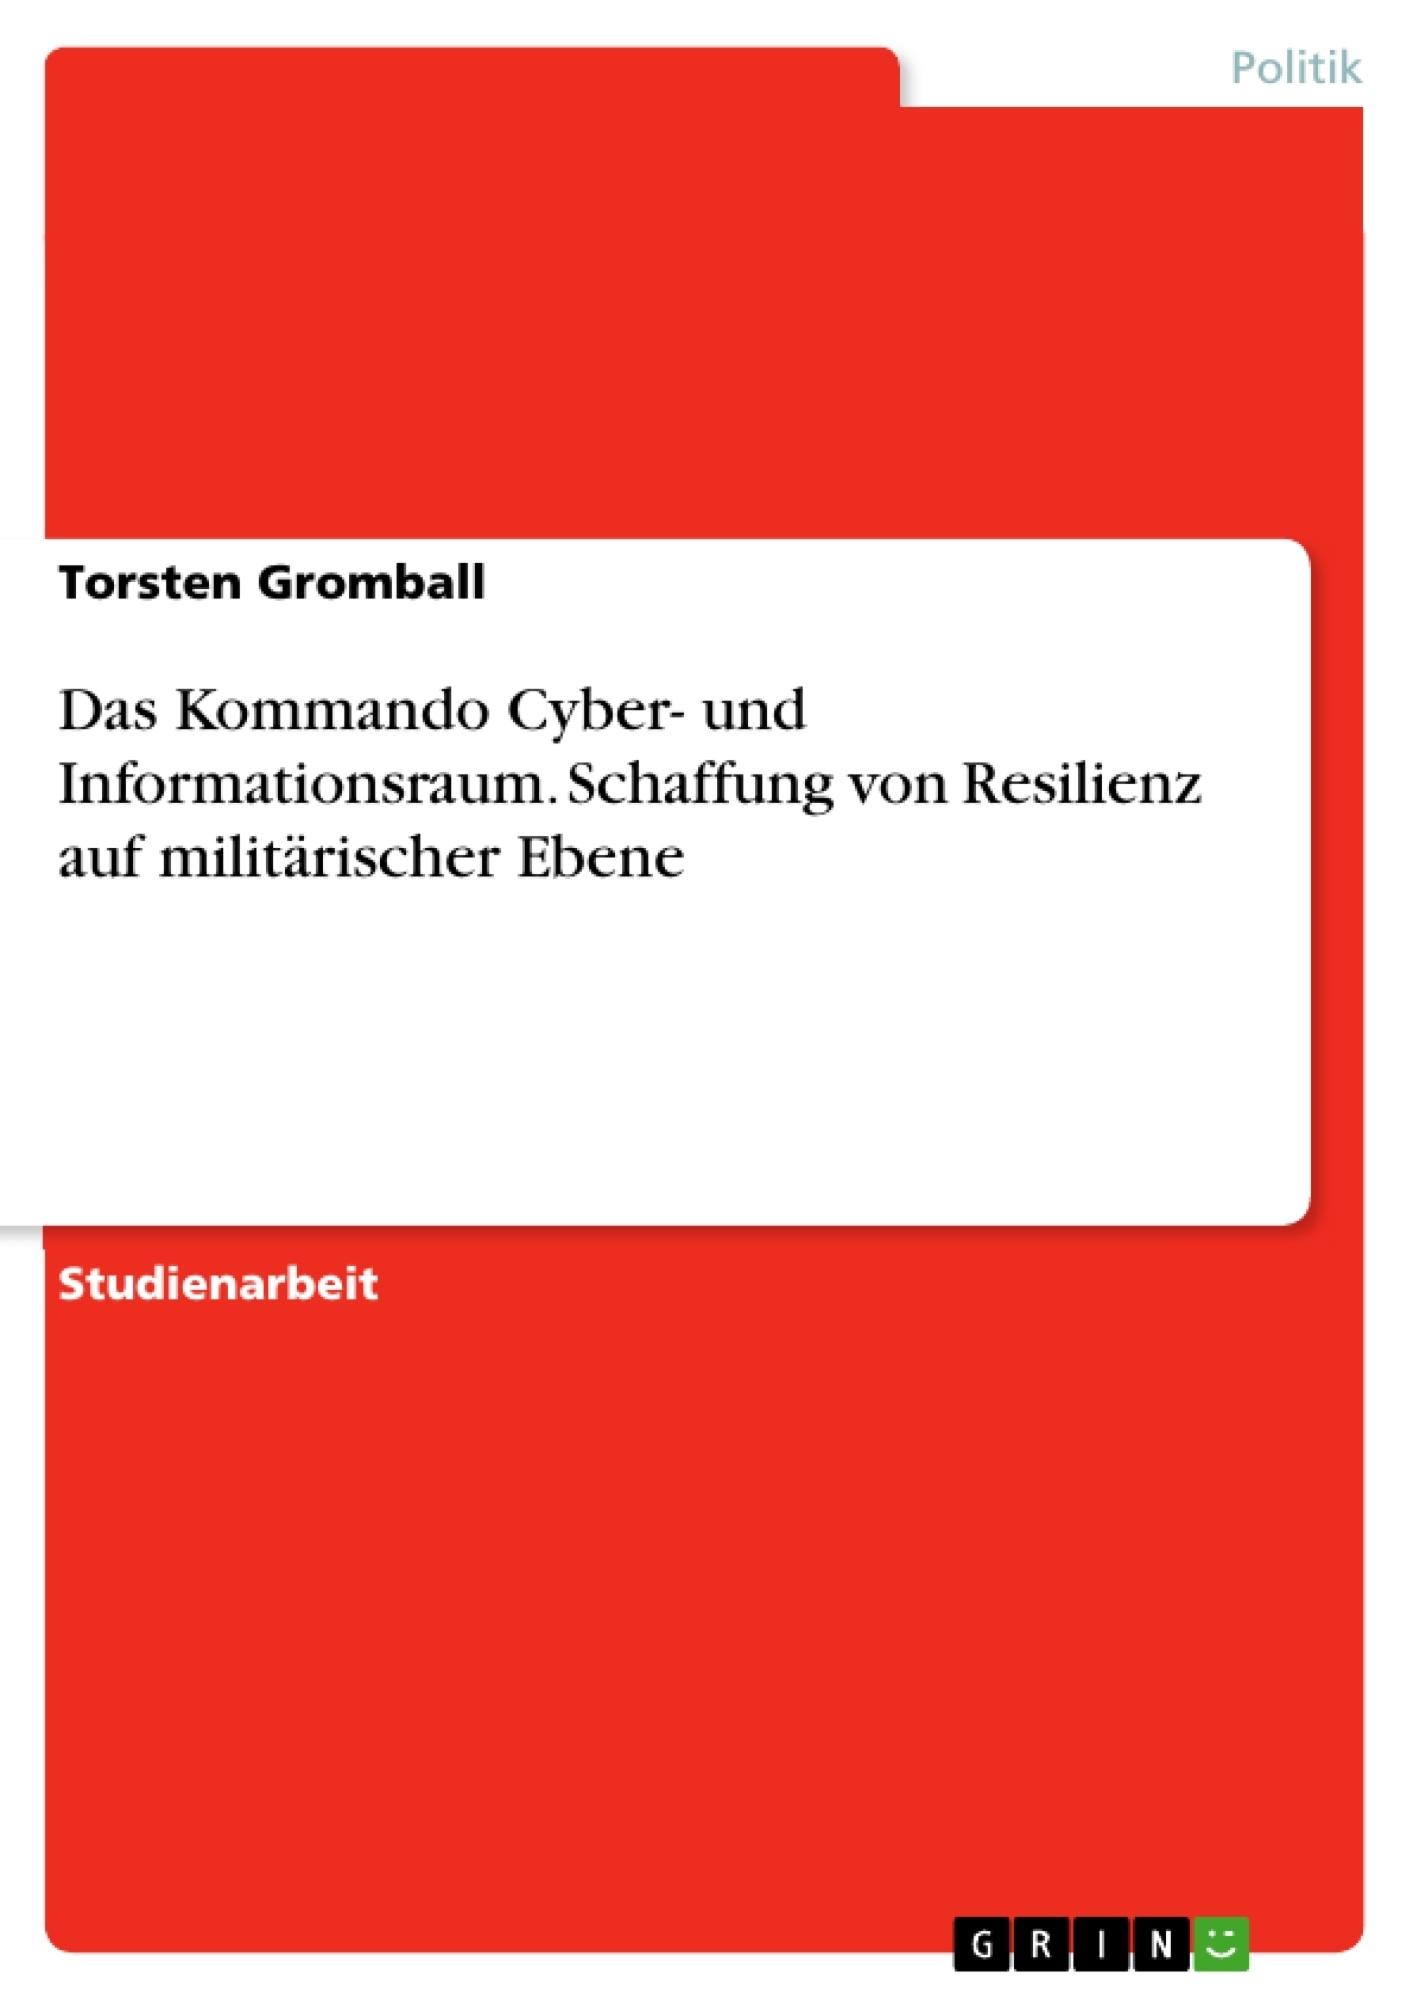 Titel: Das Kommando Cyber- und Informationsraum. Schaffung von Resilienz auf militärischer Ebene